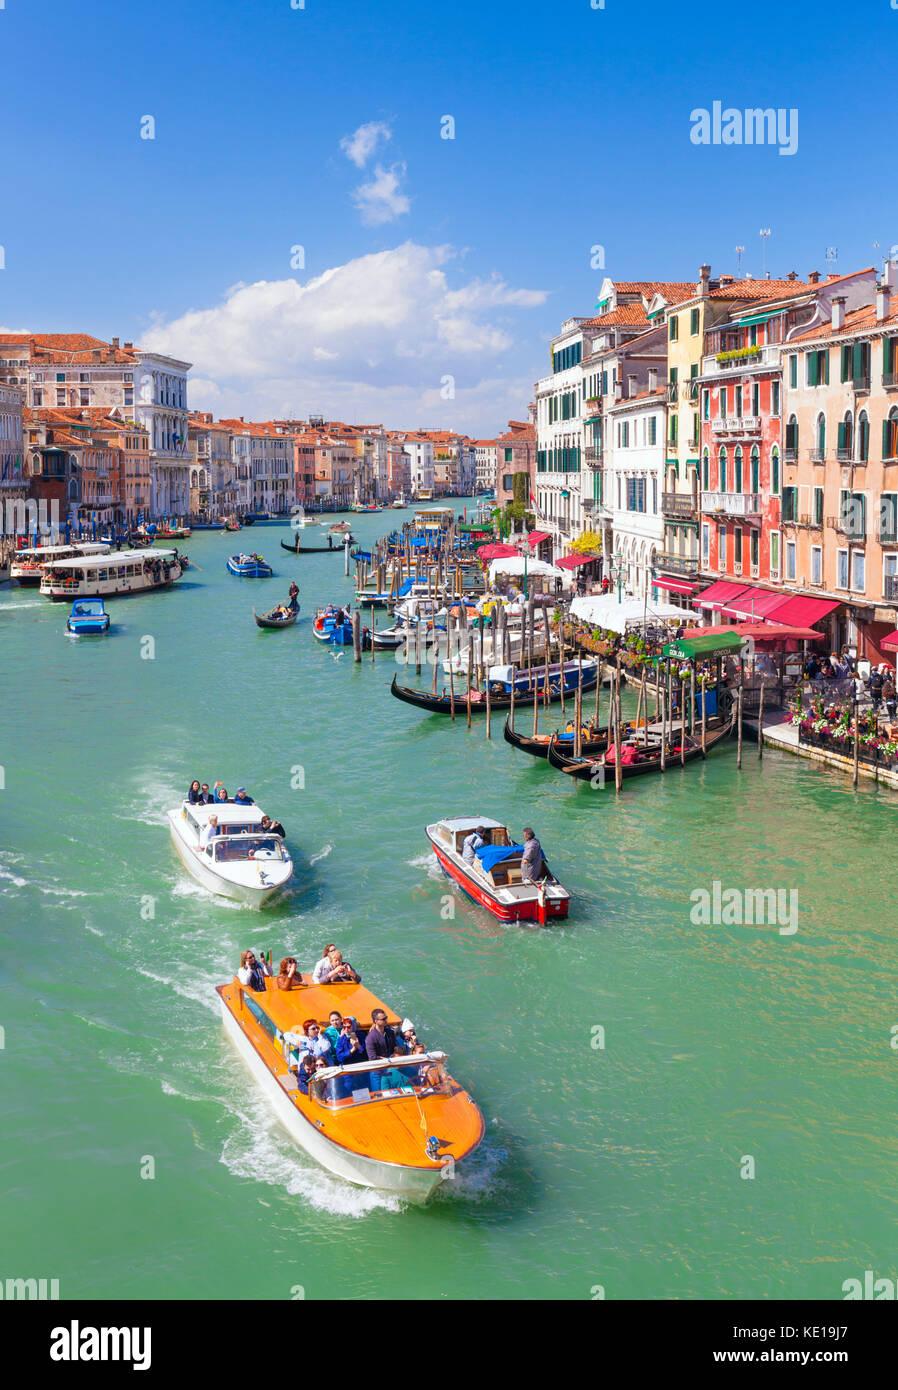 Venecia Italia Venecia ACTV Vaporettos water taxi o autobús de agua y pequeñas embarcaciones a motor Venecia Imagen De Stock